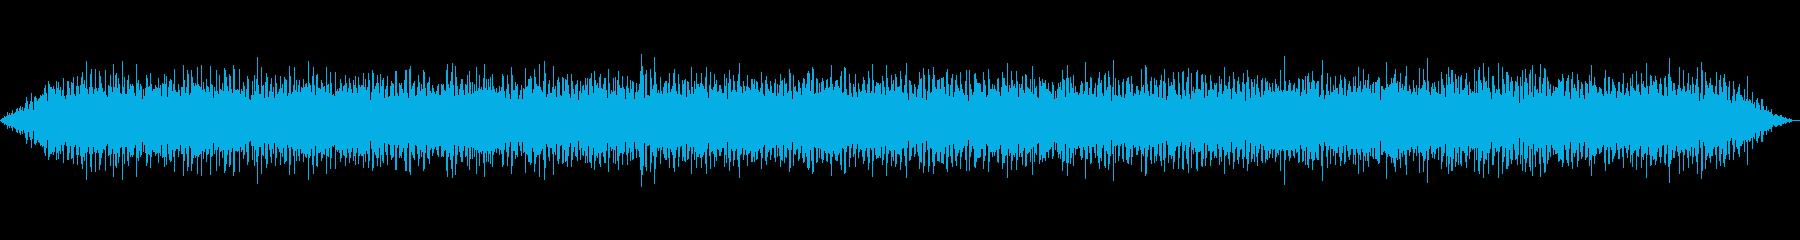 トラックのアイドリングの再生済みの波形